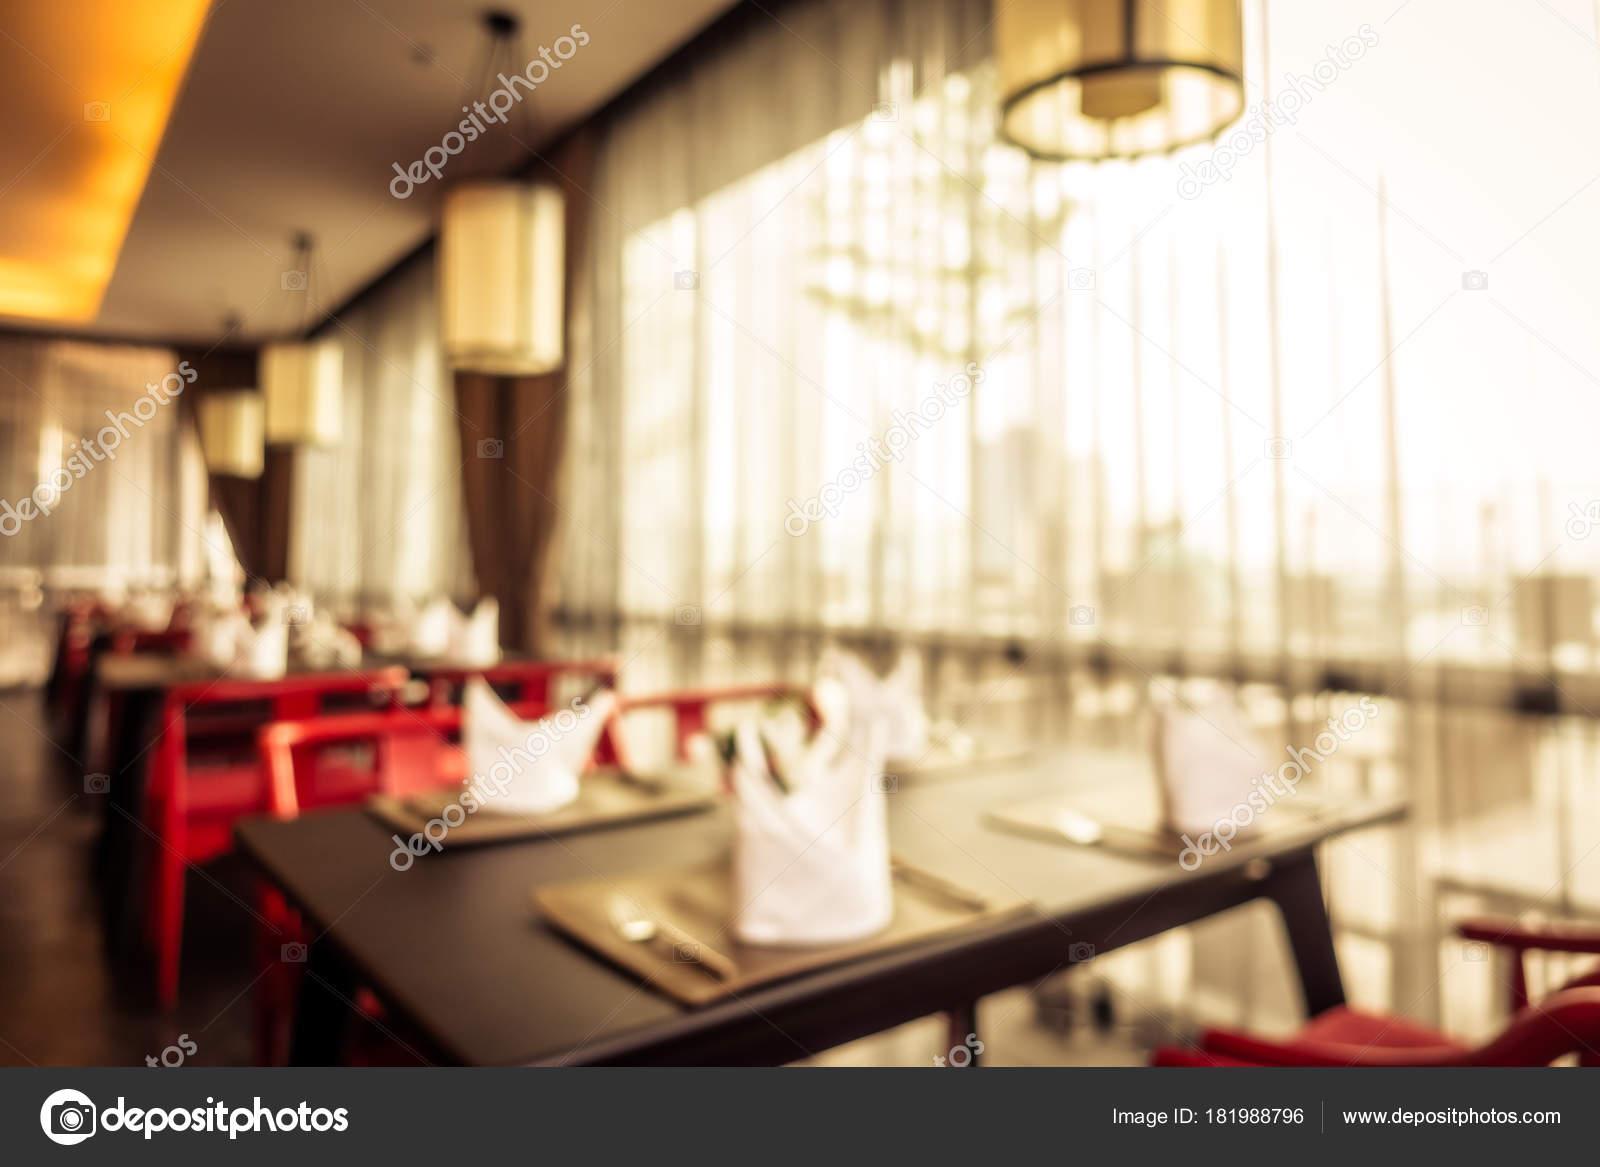 Abstract Blur Restaurant Coffee Shop Interior Background Vintage